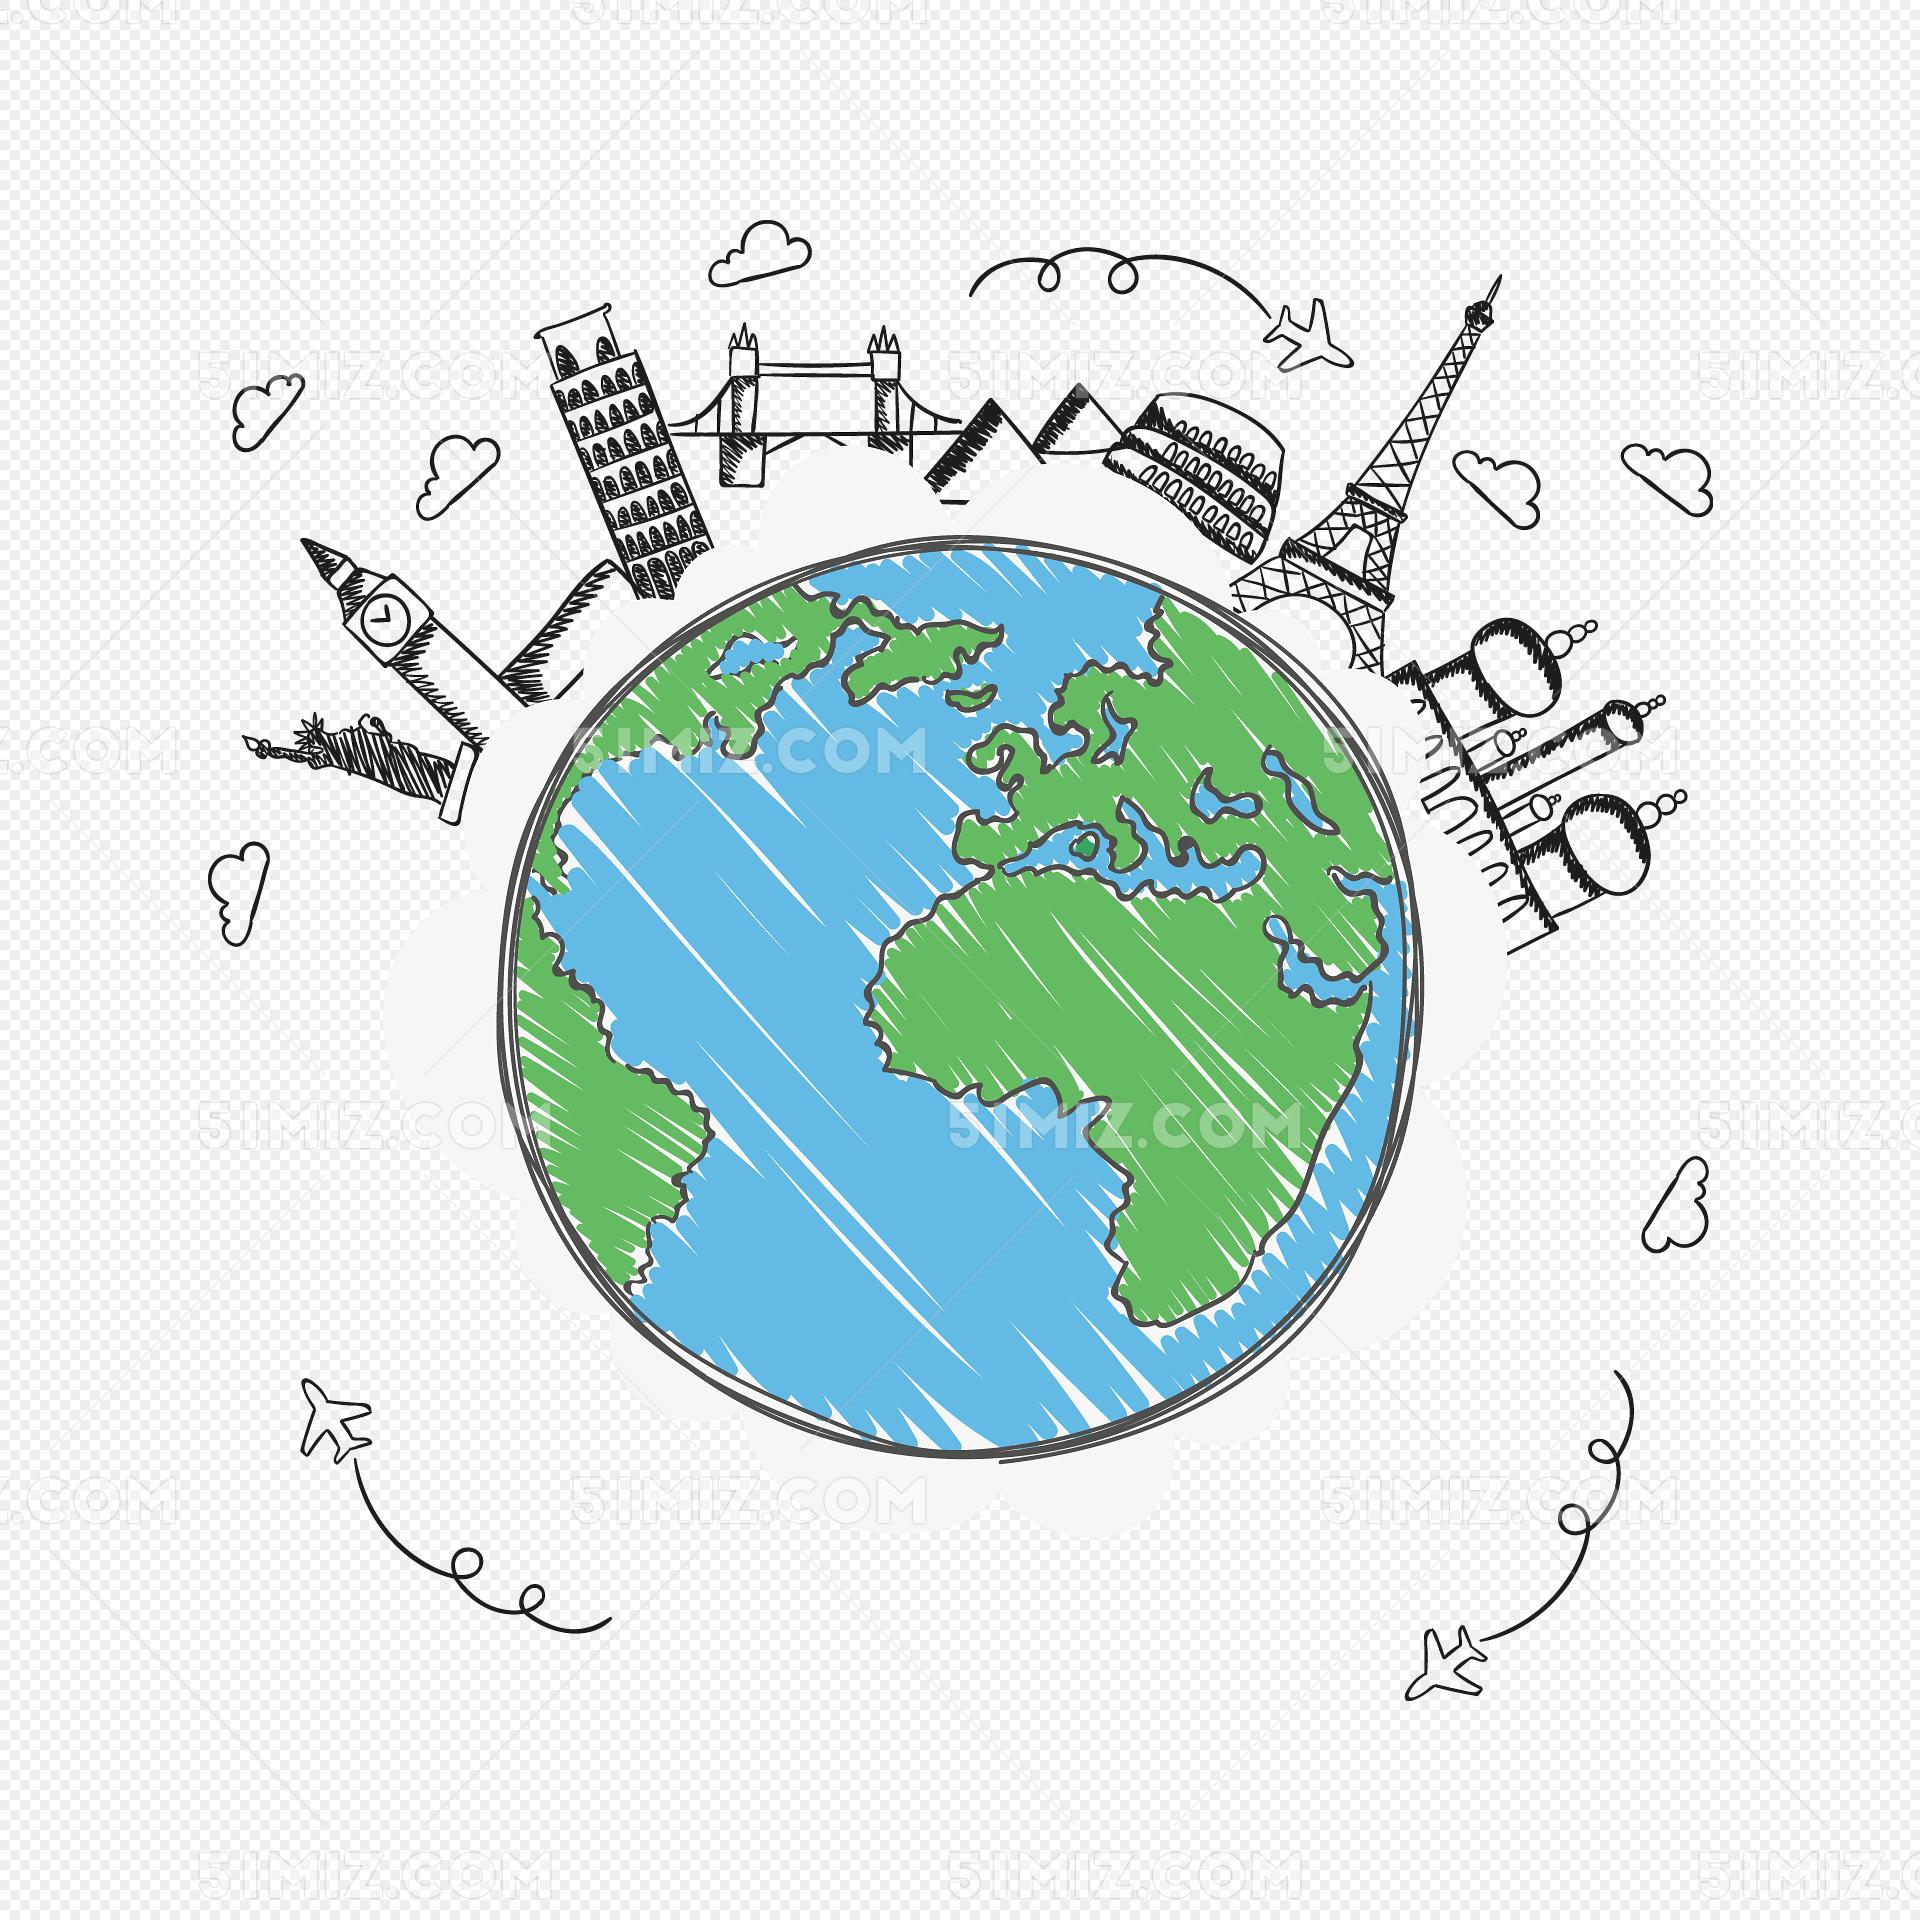 卡通手绘地图地球环保